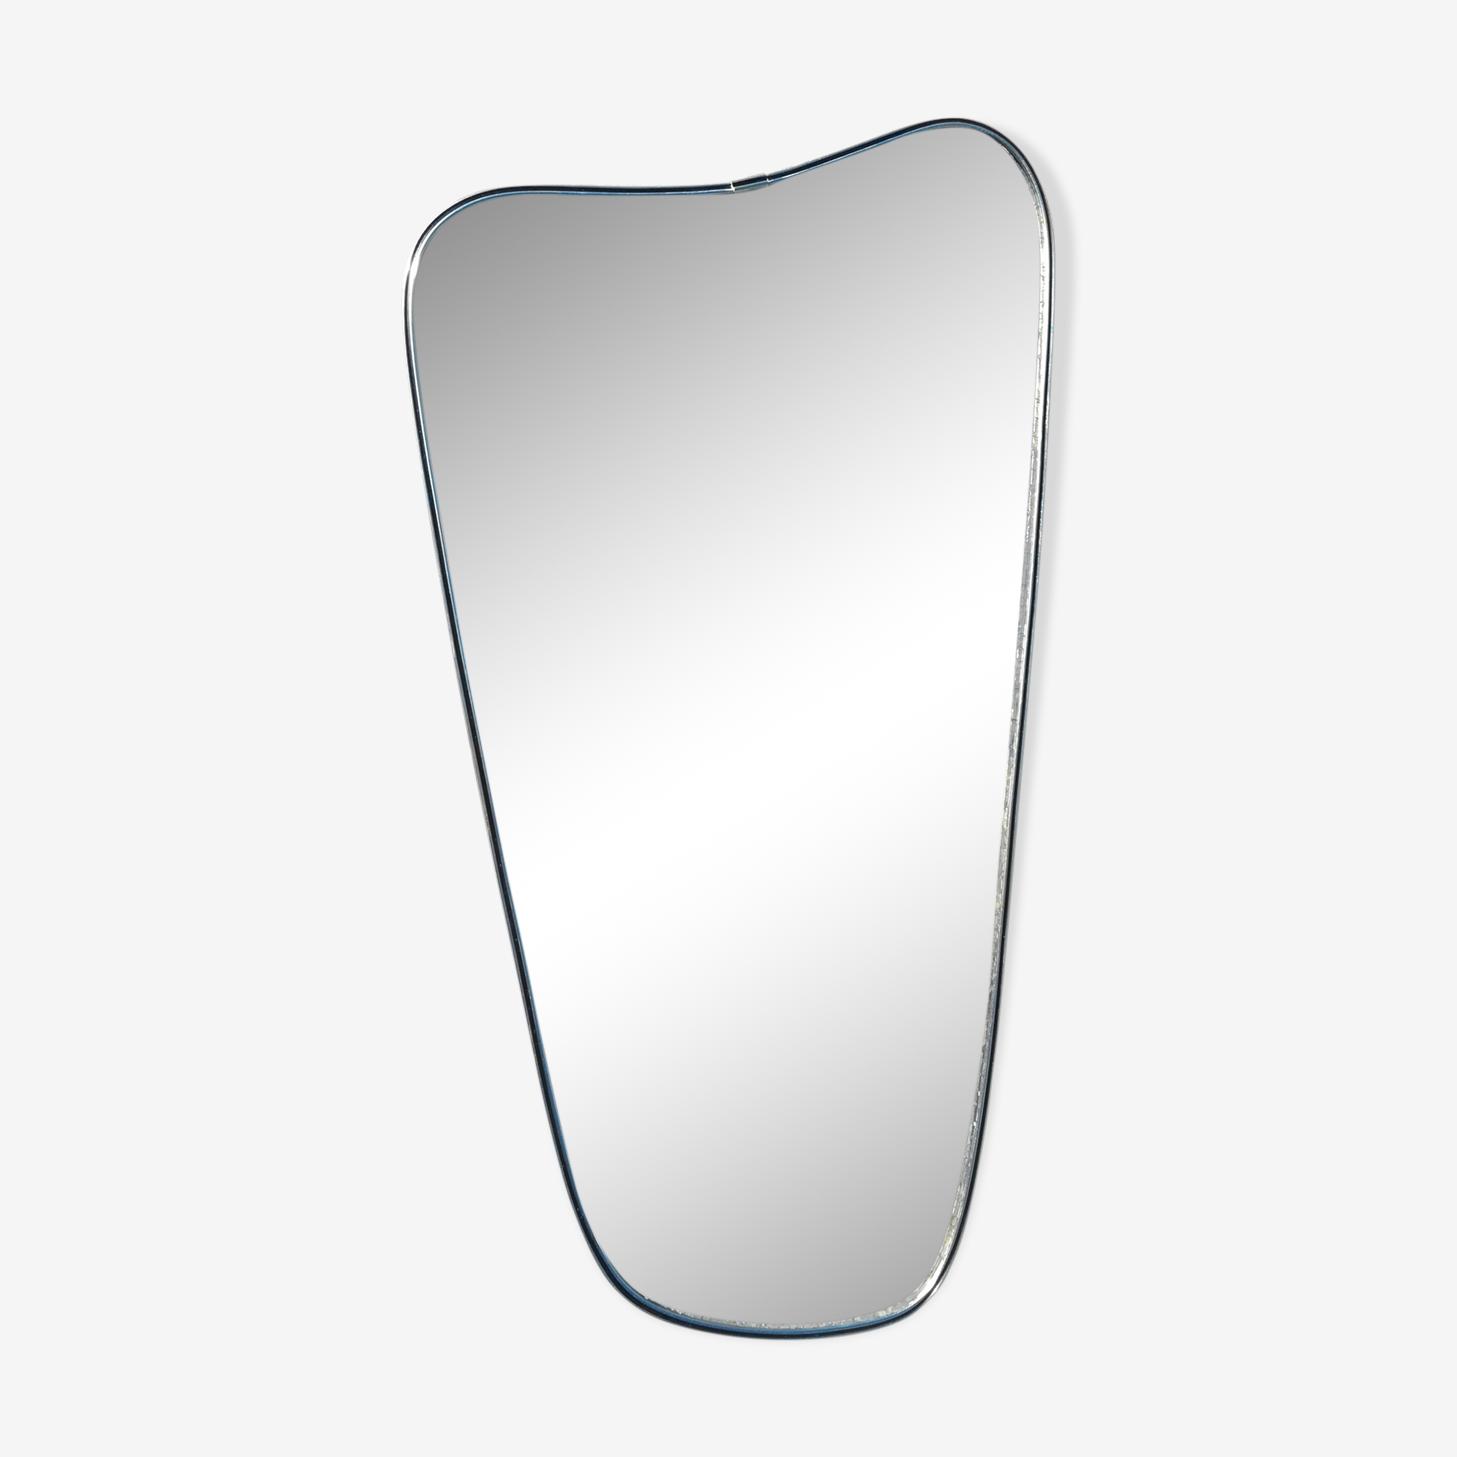 Miroir rétroviseur 35x67cm